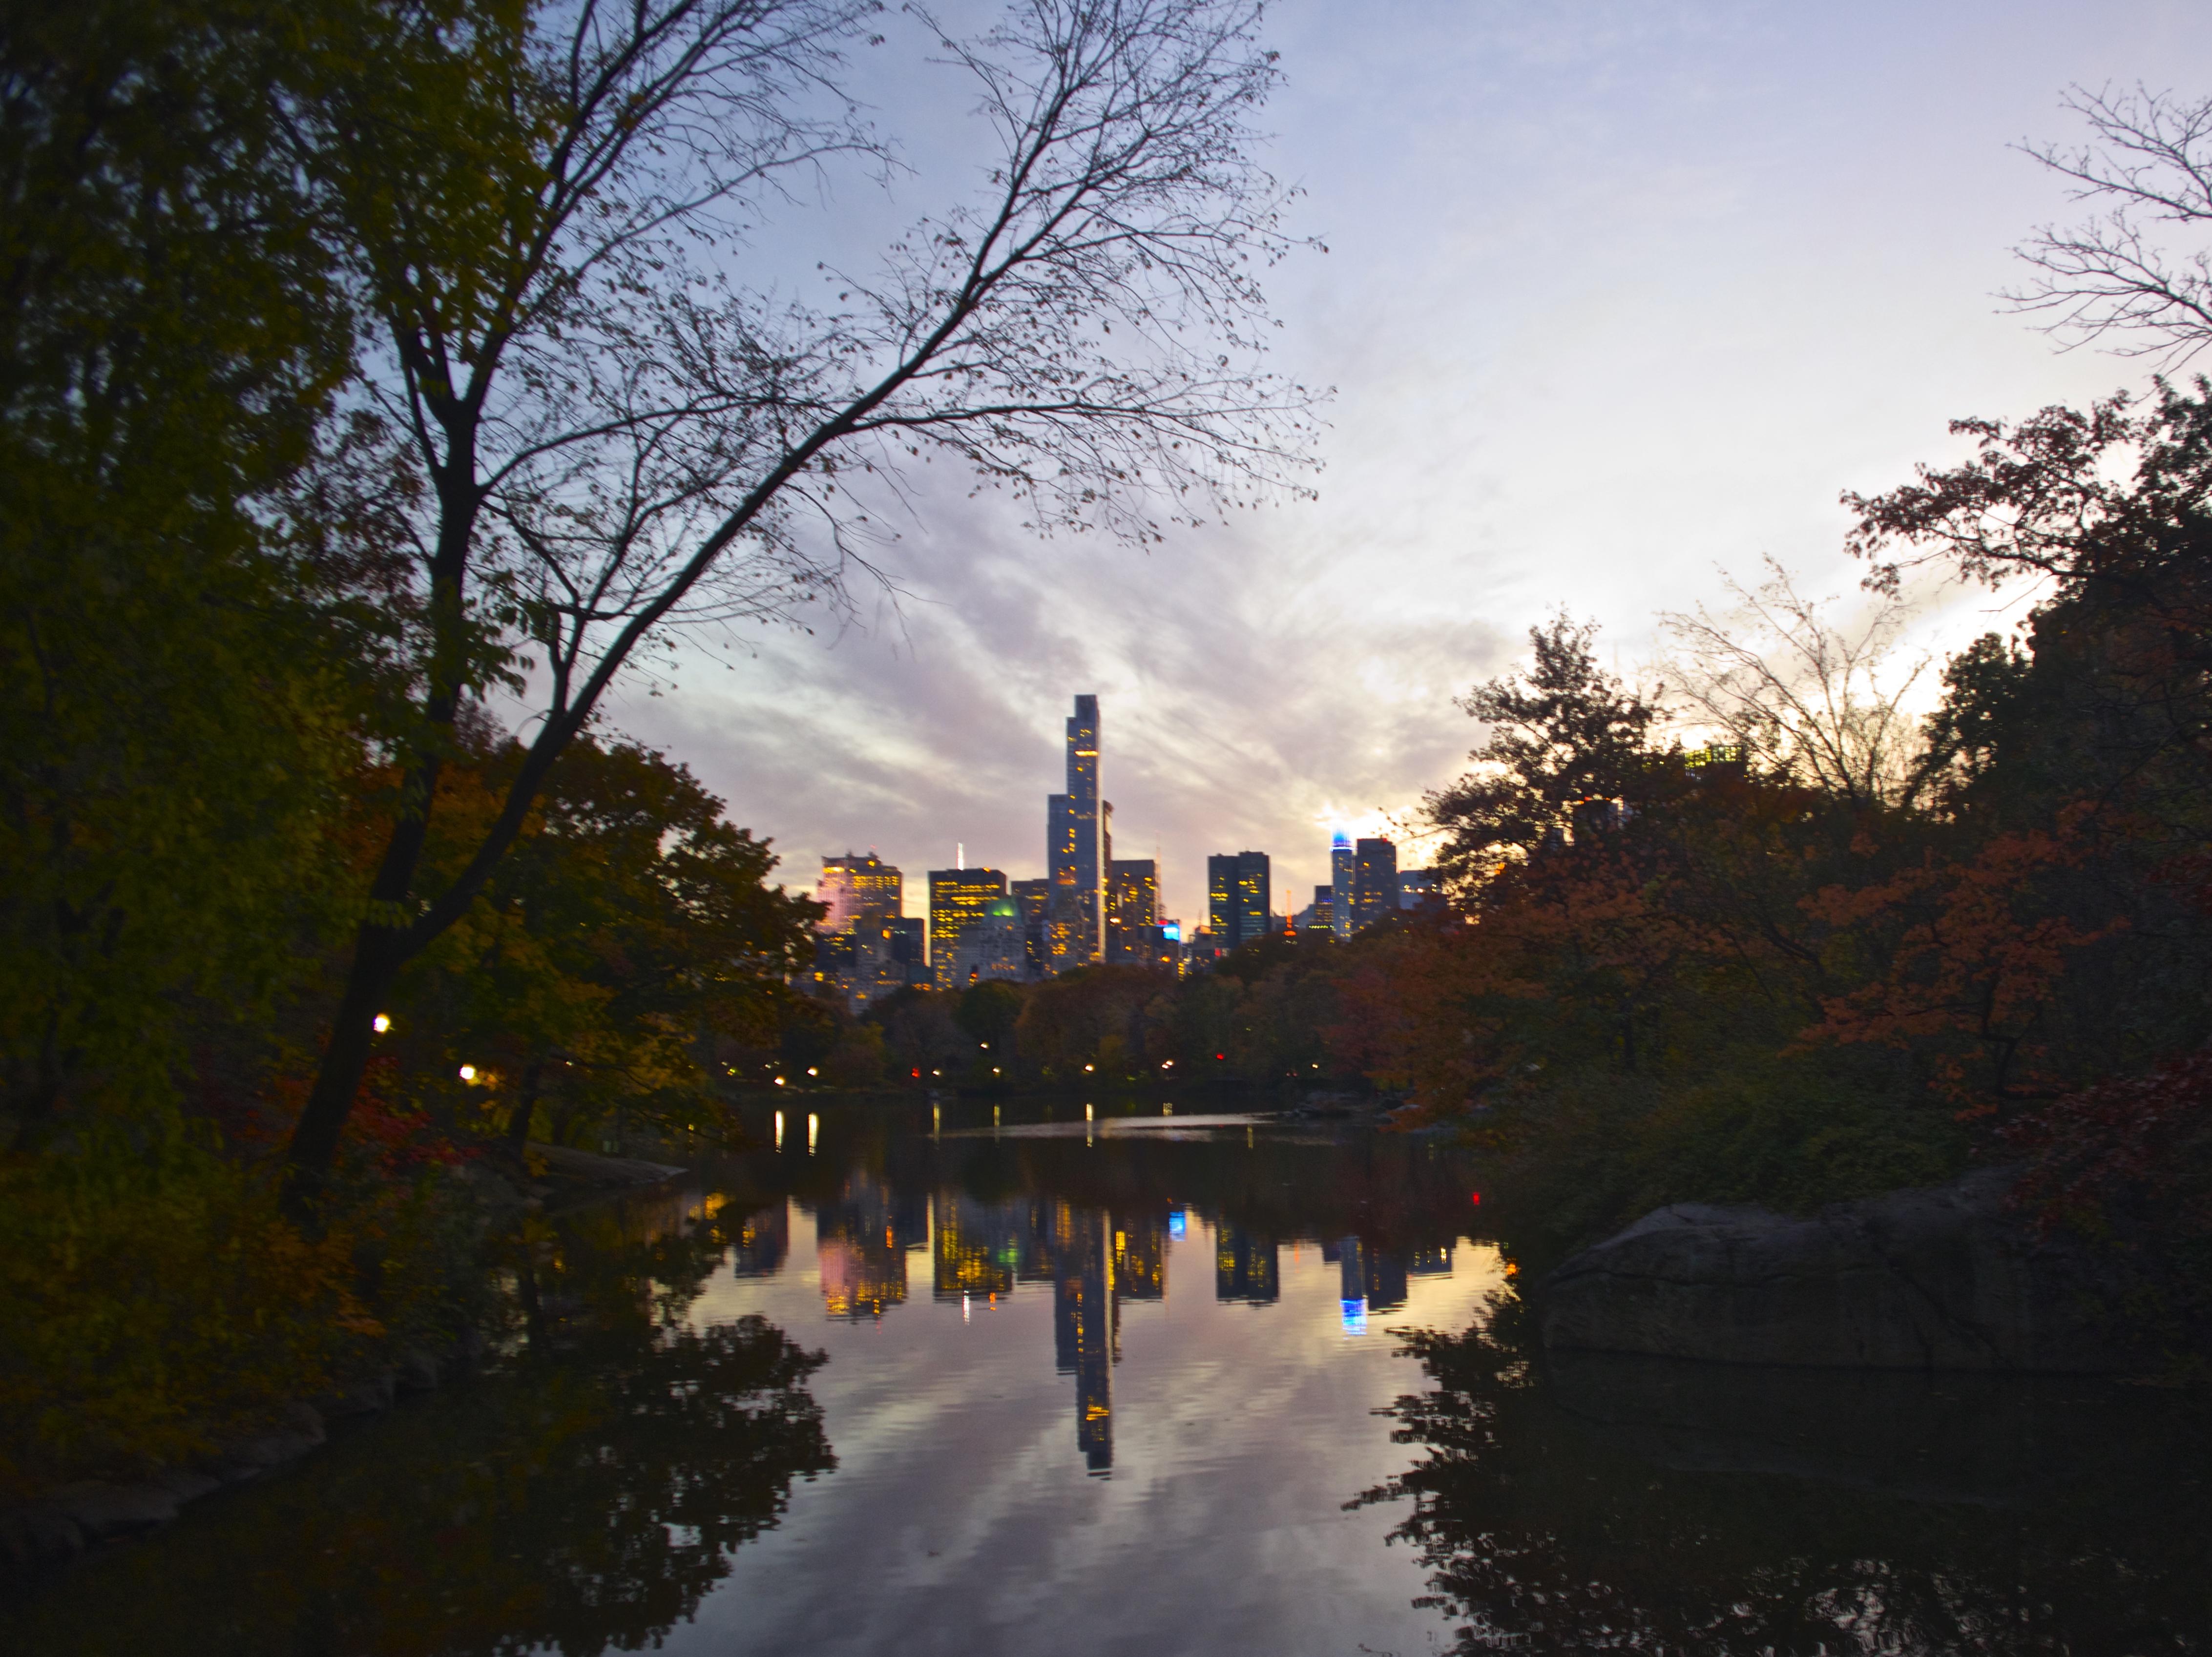 City Skyline at Twilight in Autumn